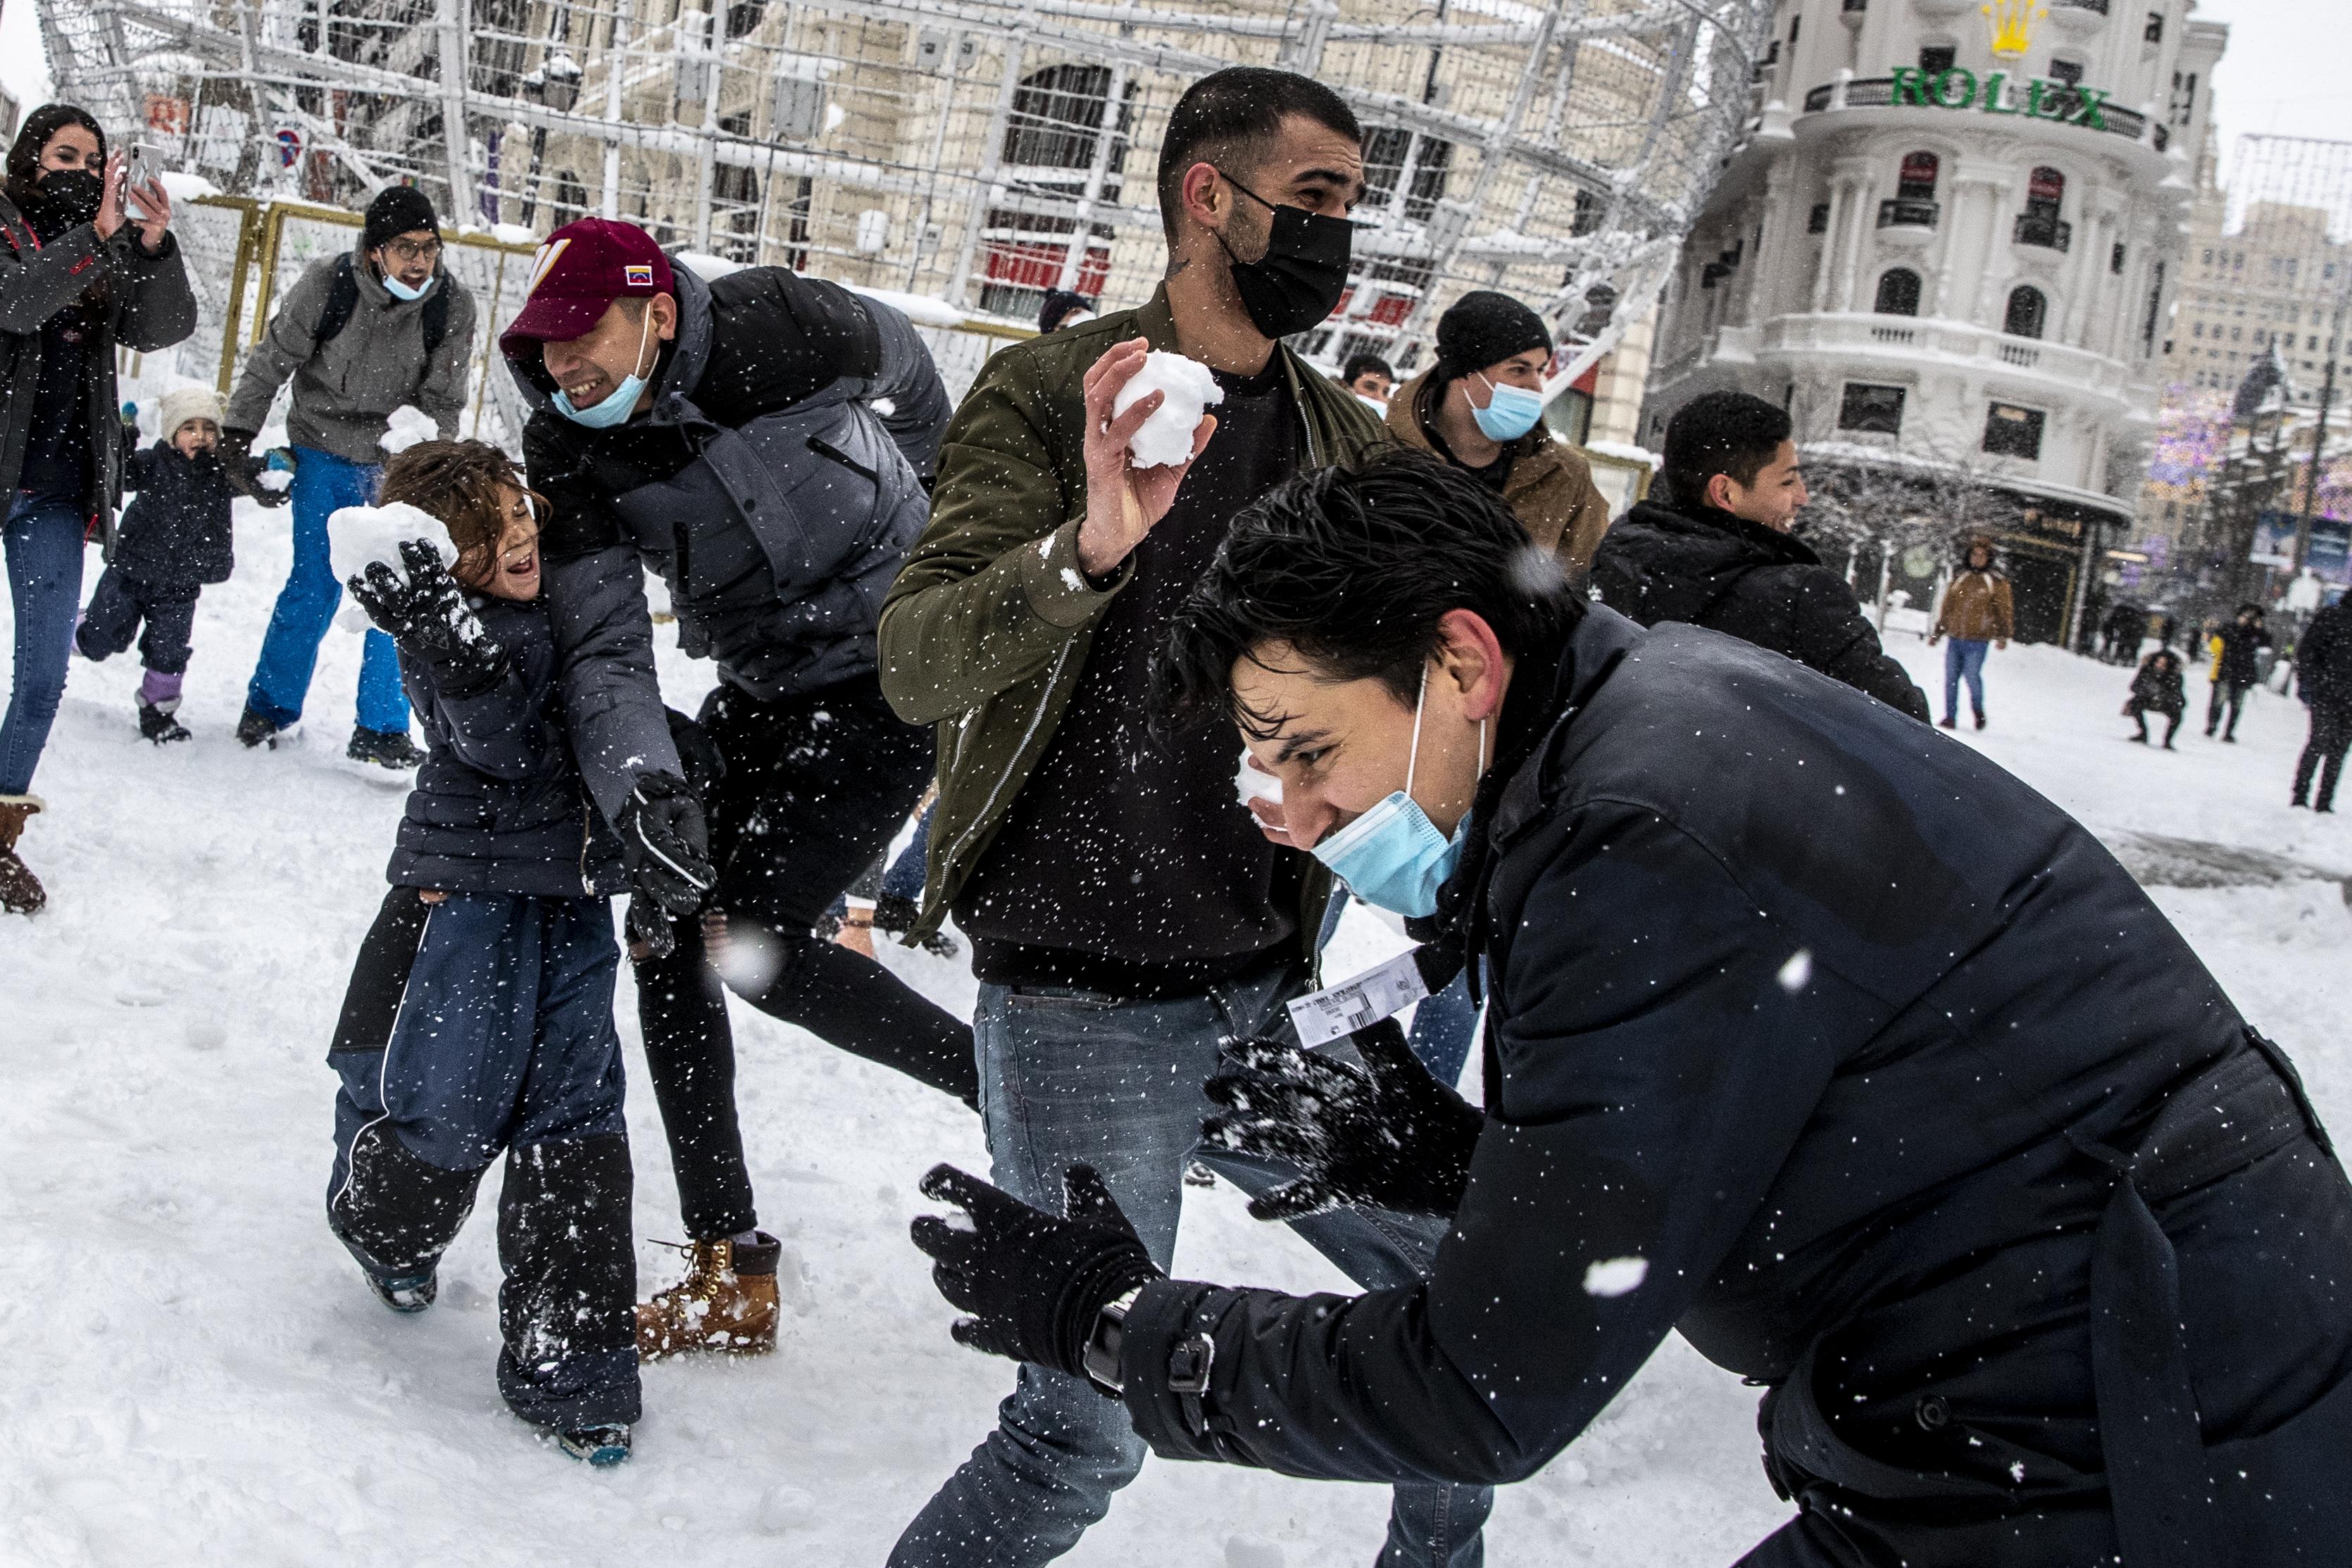 Guerra de bolas de nieve en plena Gran Vía